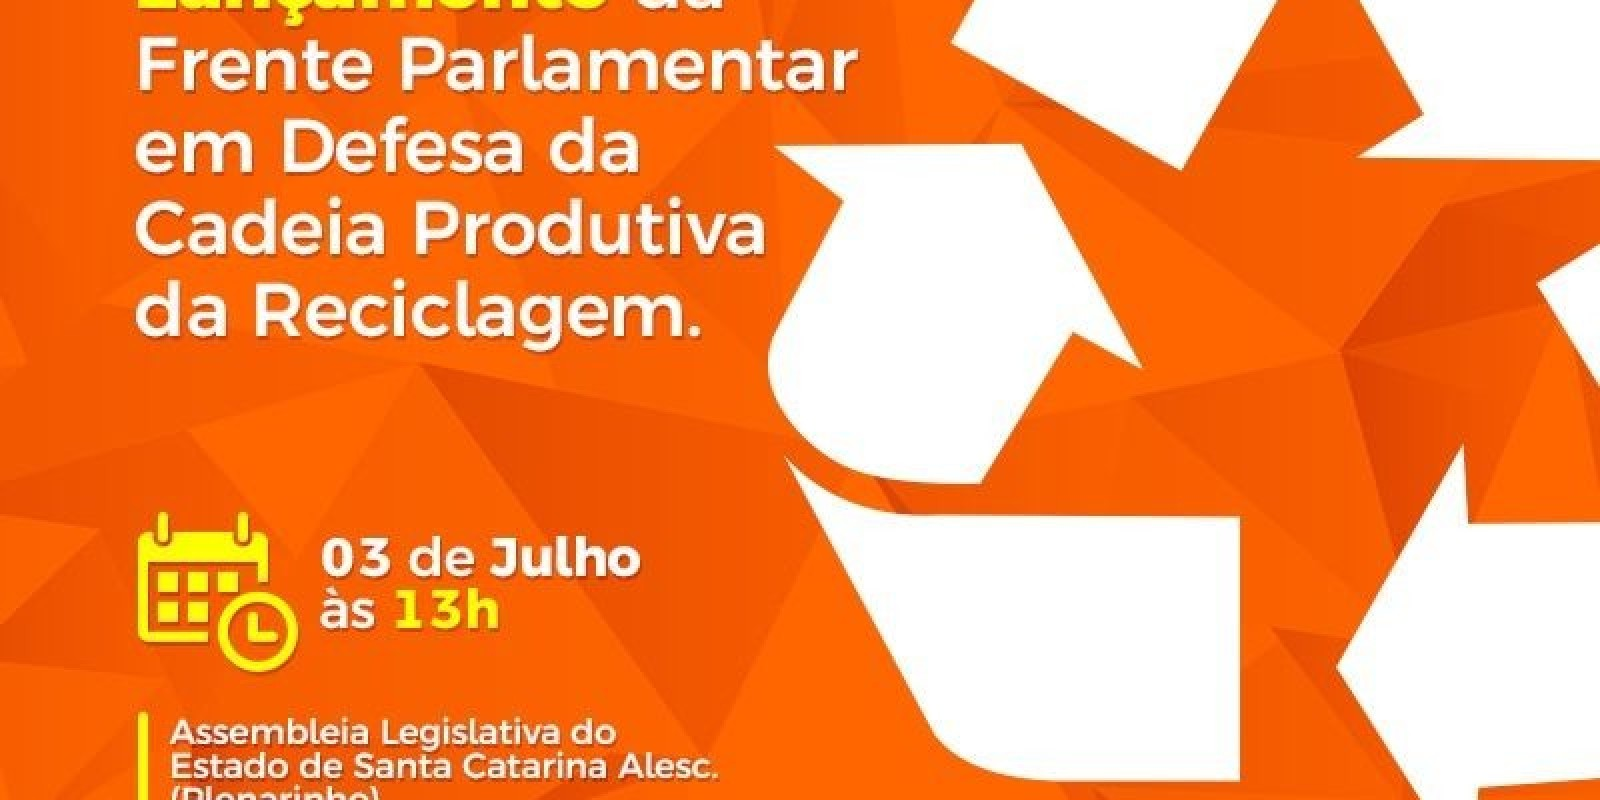 Deputado Volnei Weber lança Frente Parlamentar em Defesa da Reciclagem